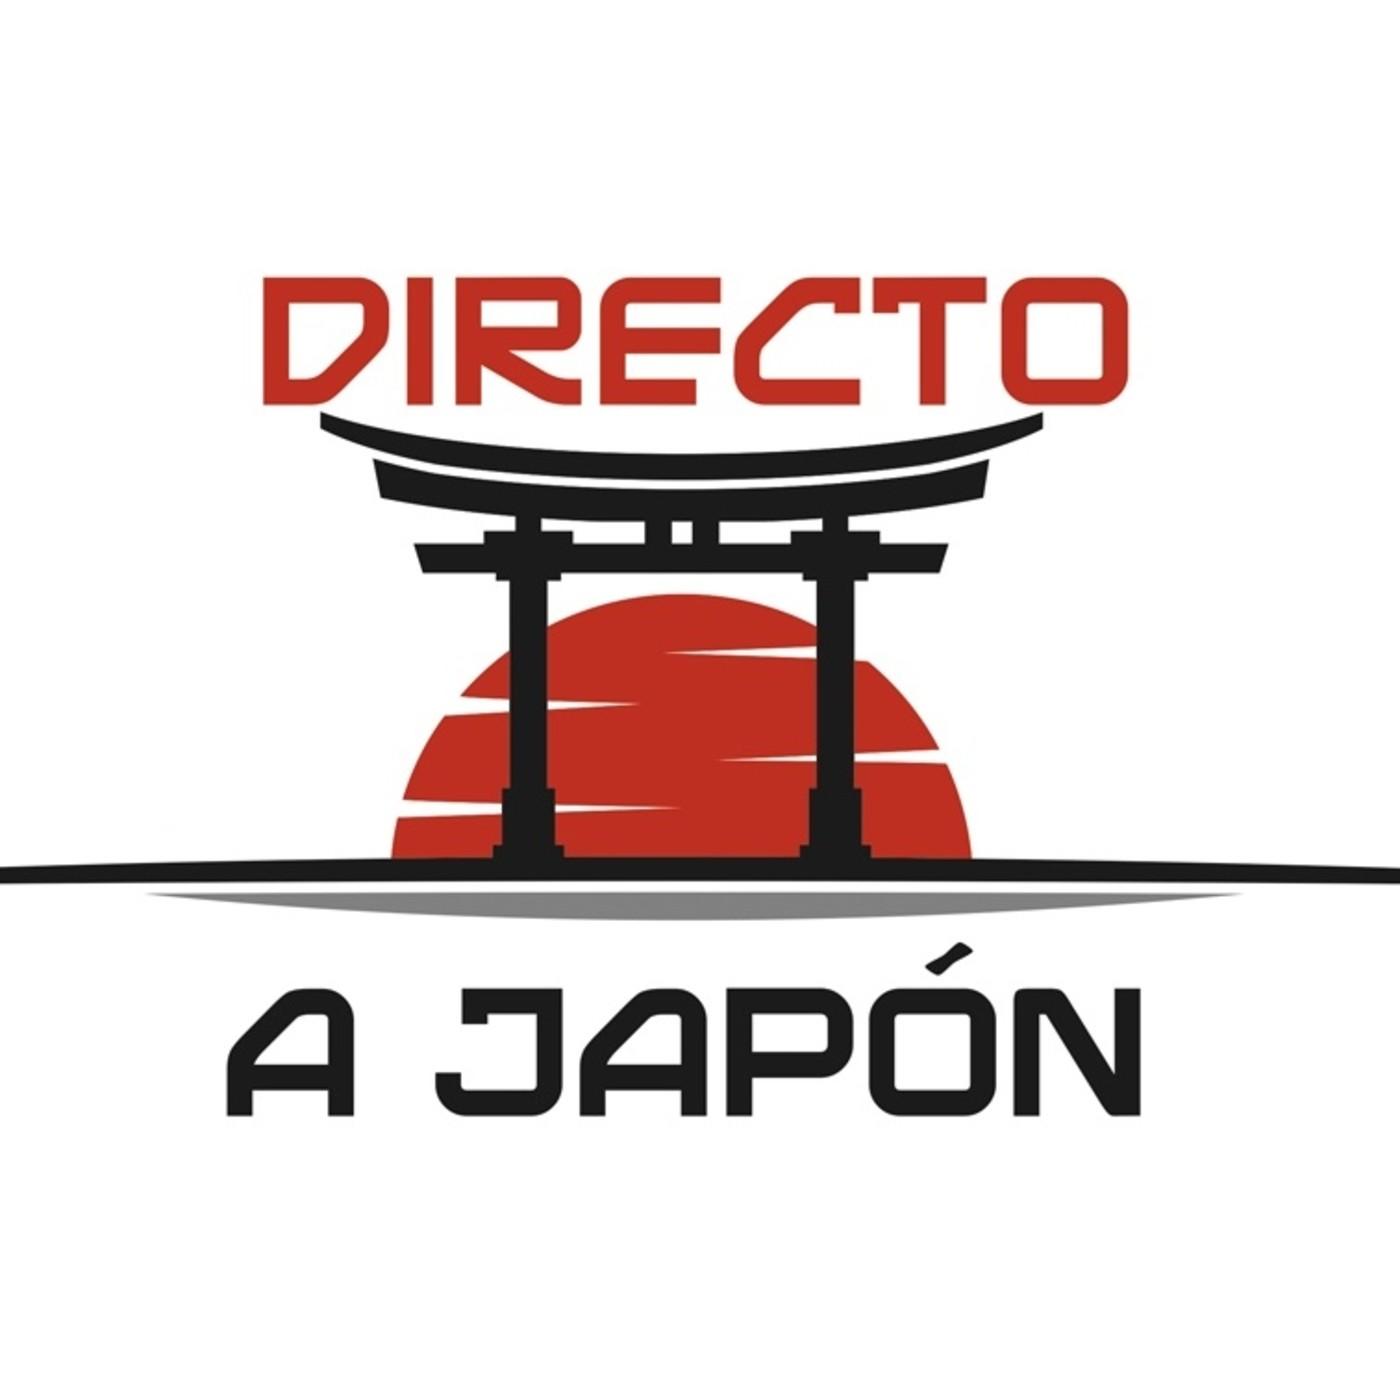 Directo a Japón